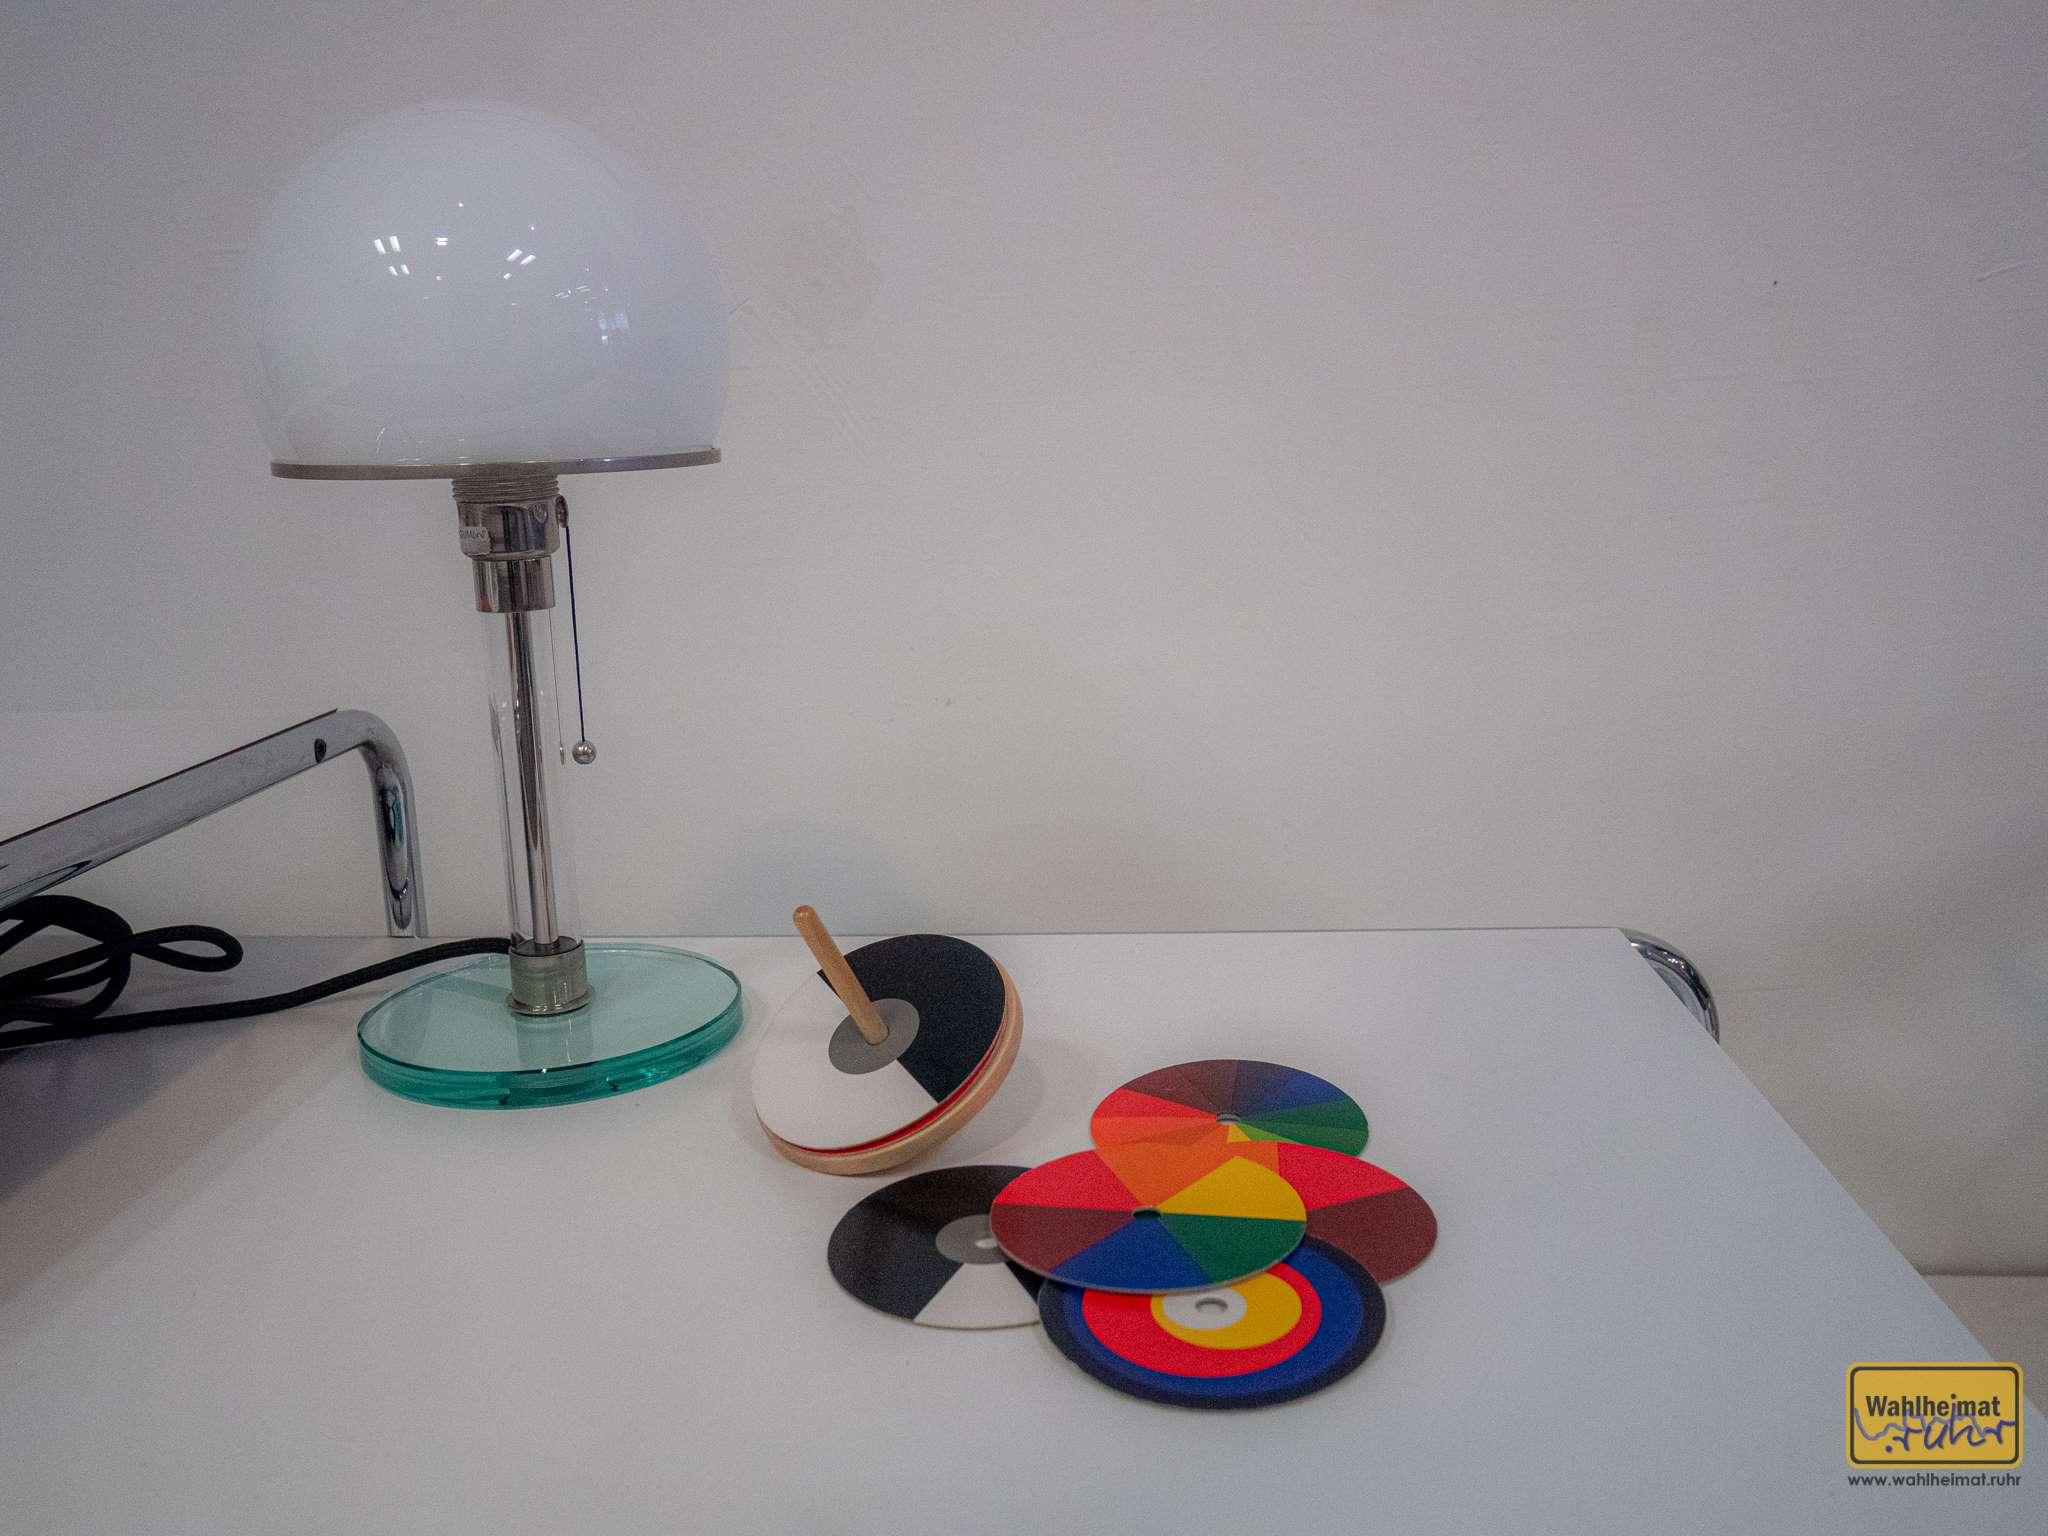 """Eine """"L61 Saturn Tischleuchte"""" von Josef Albers. Eine Leihgabe aus einem Auktionshaus, wie auch der benachbarte Teewagen aus dem Jahr 2002."""